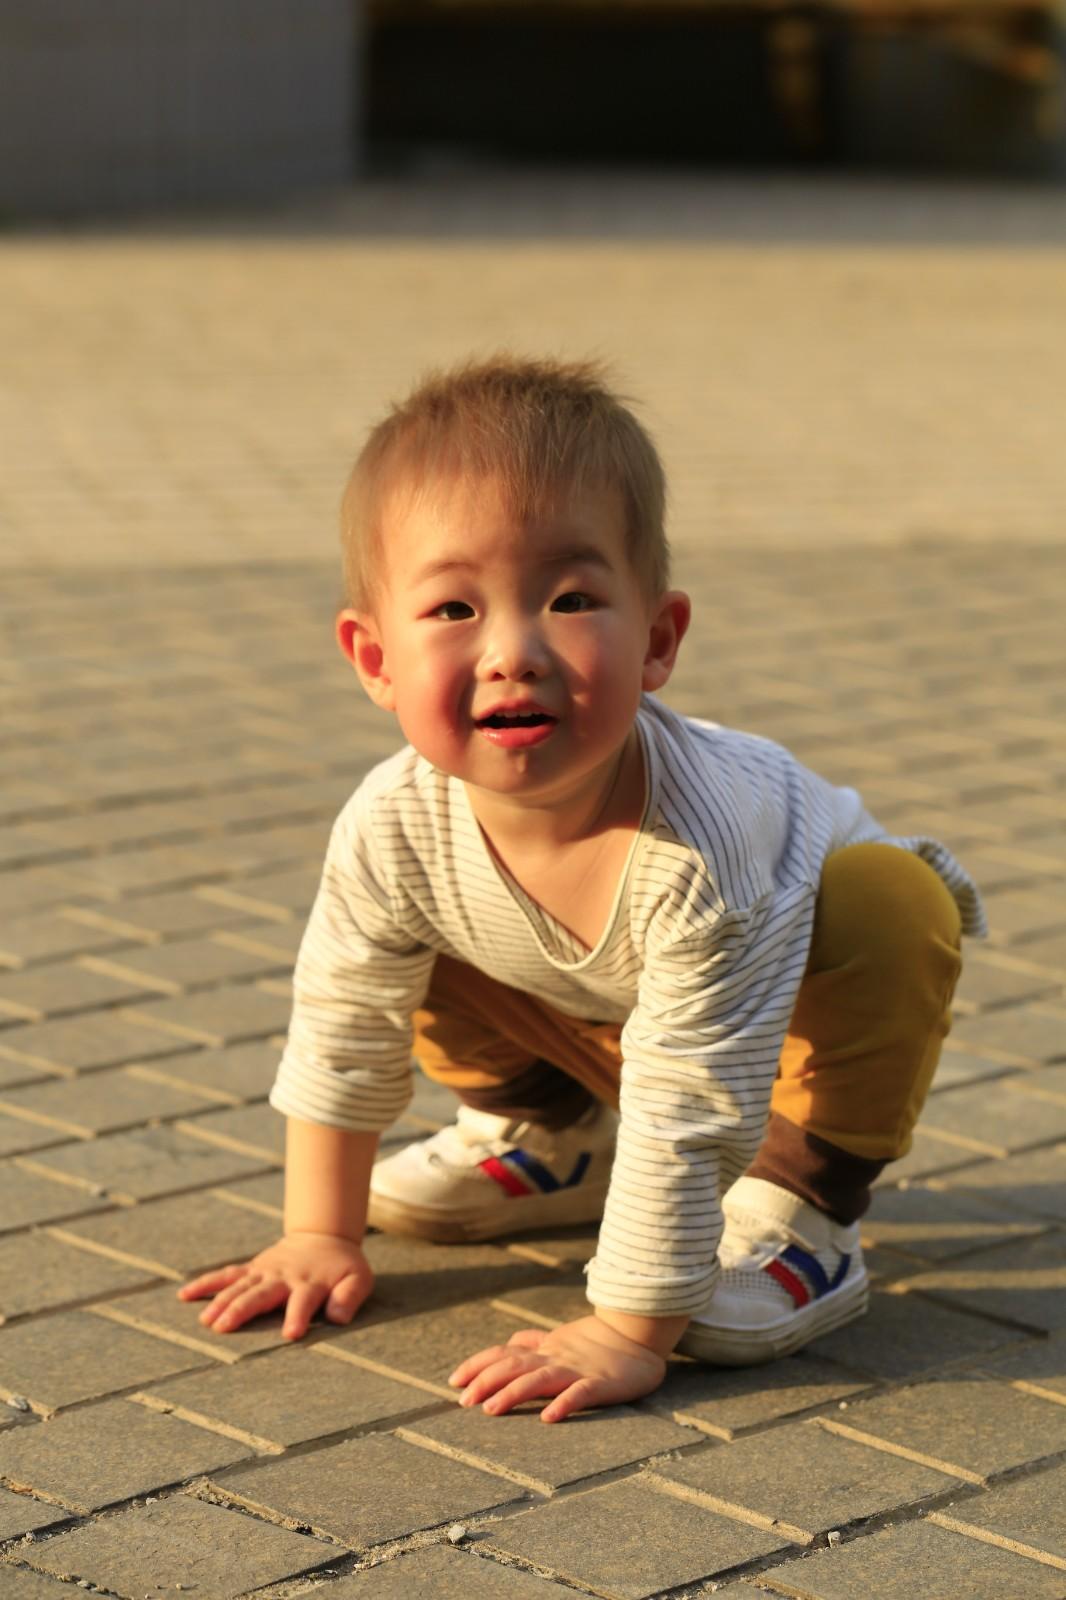 北京-Lucifer黄 《萌娃》 Canon.jpg